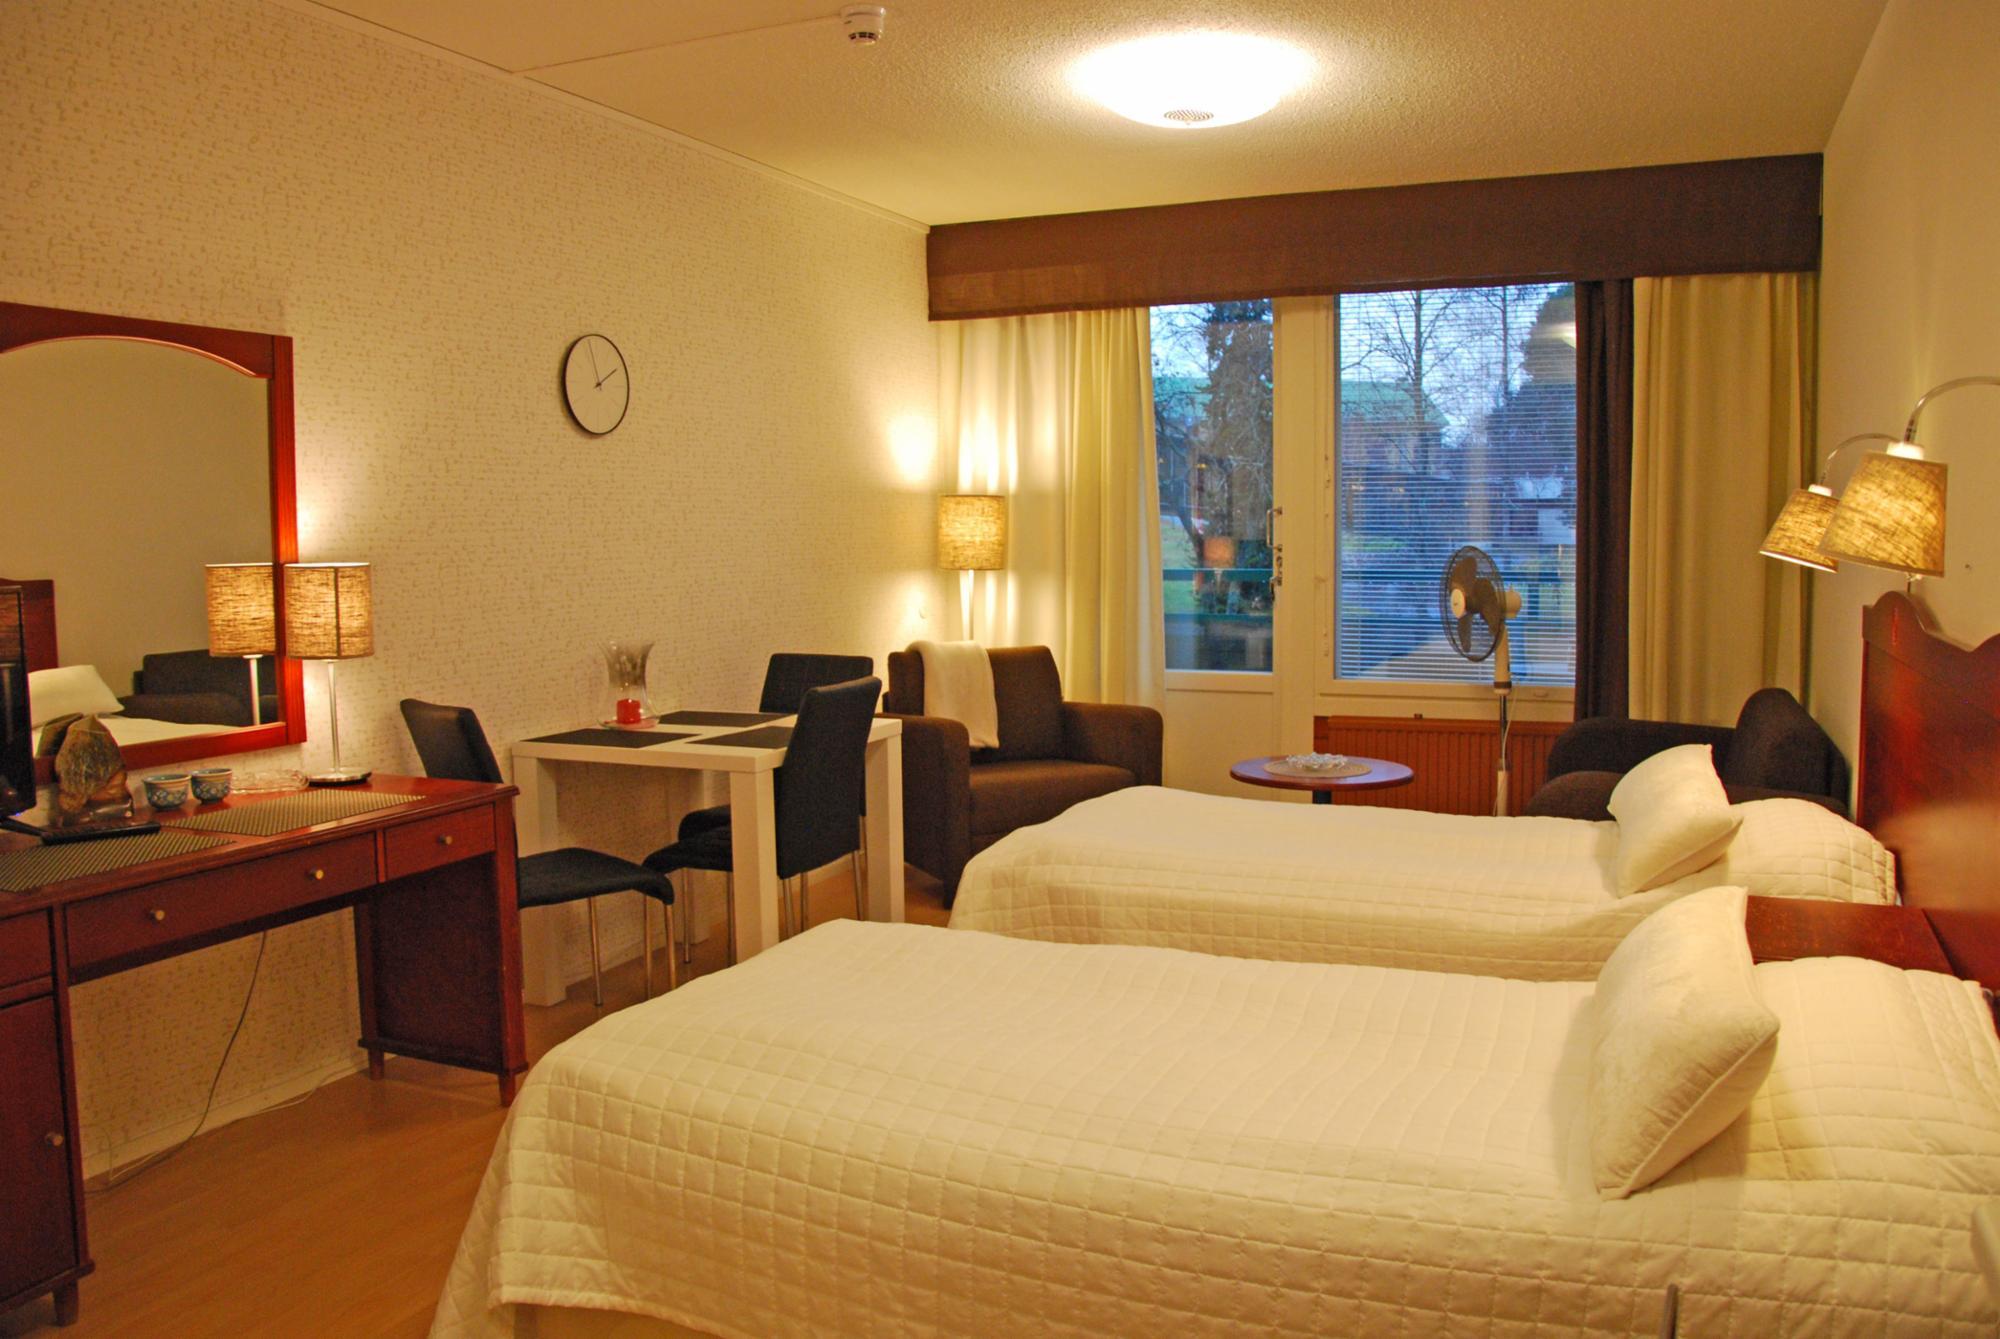 *Kylpylä-Hotelli 239